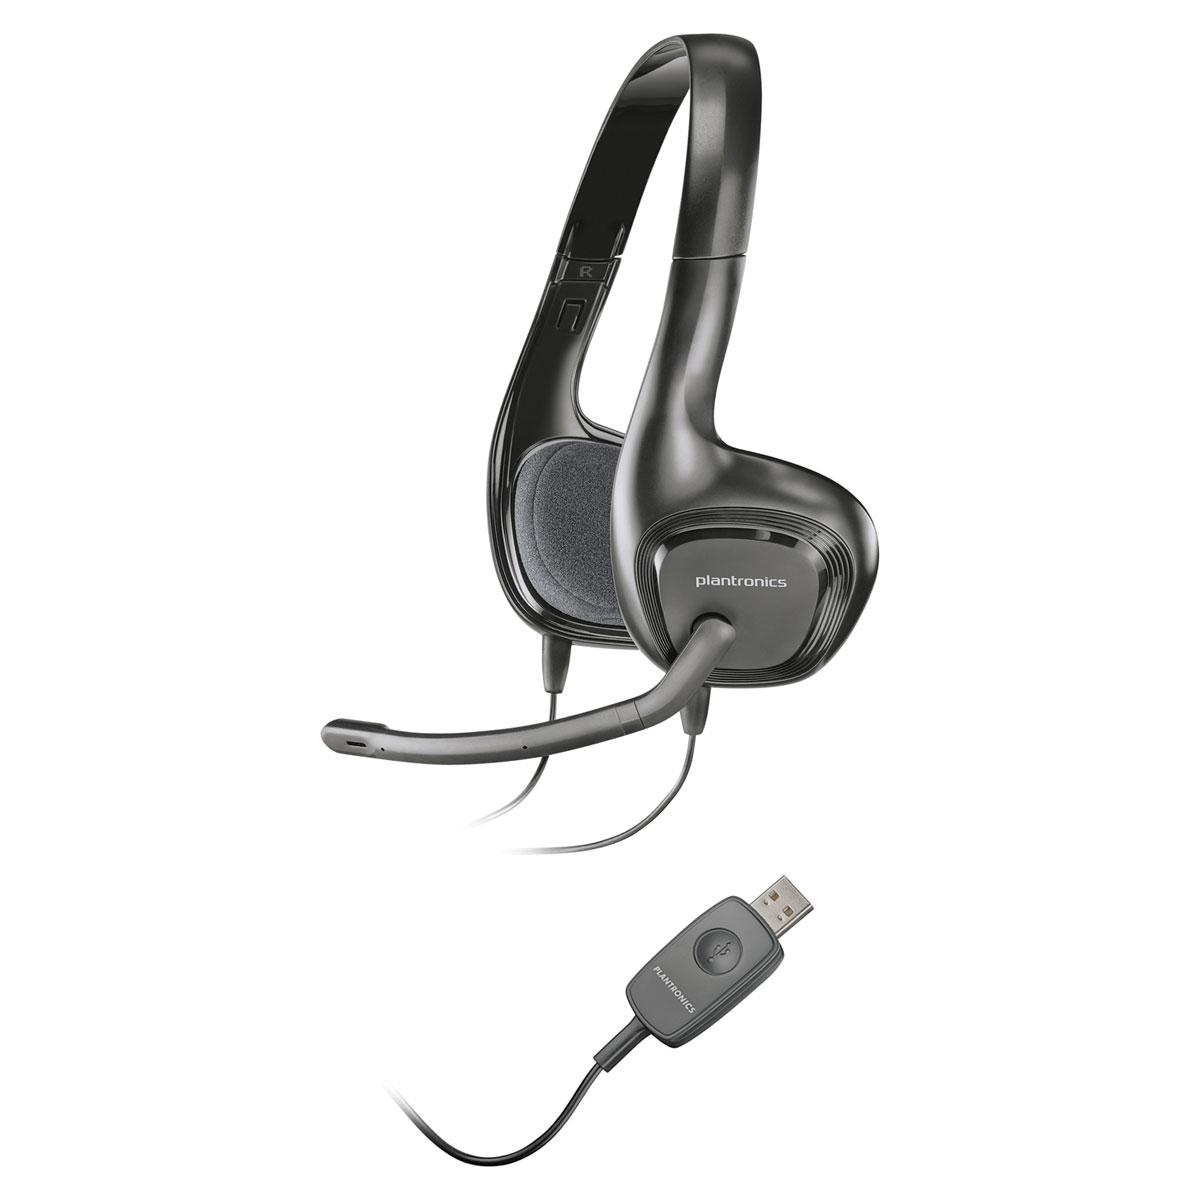 plantronics audio 622 micro casque plantronics sur ldlc. Black Bedroom Furniture Sets. Home Design Ideas